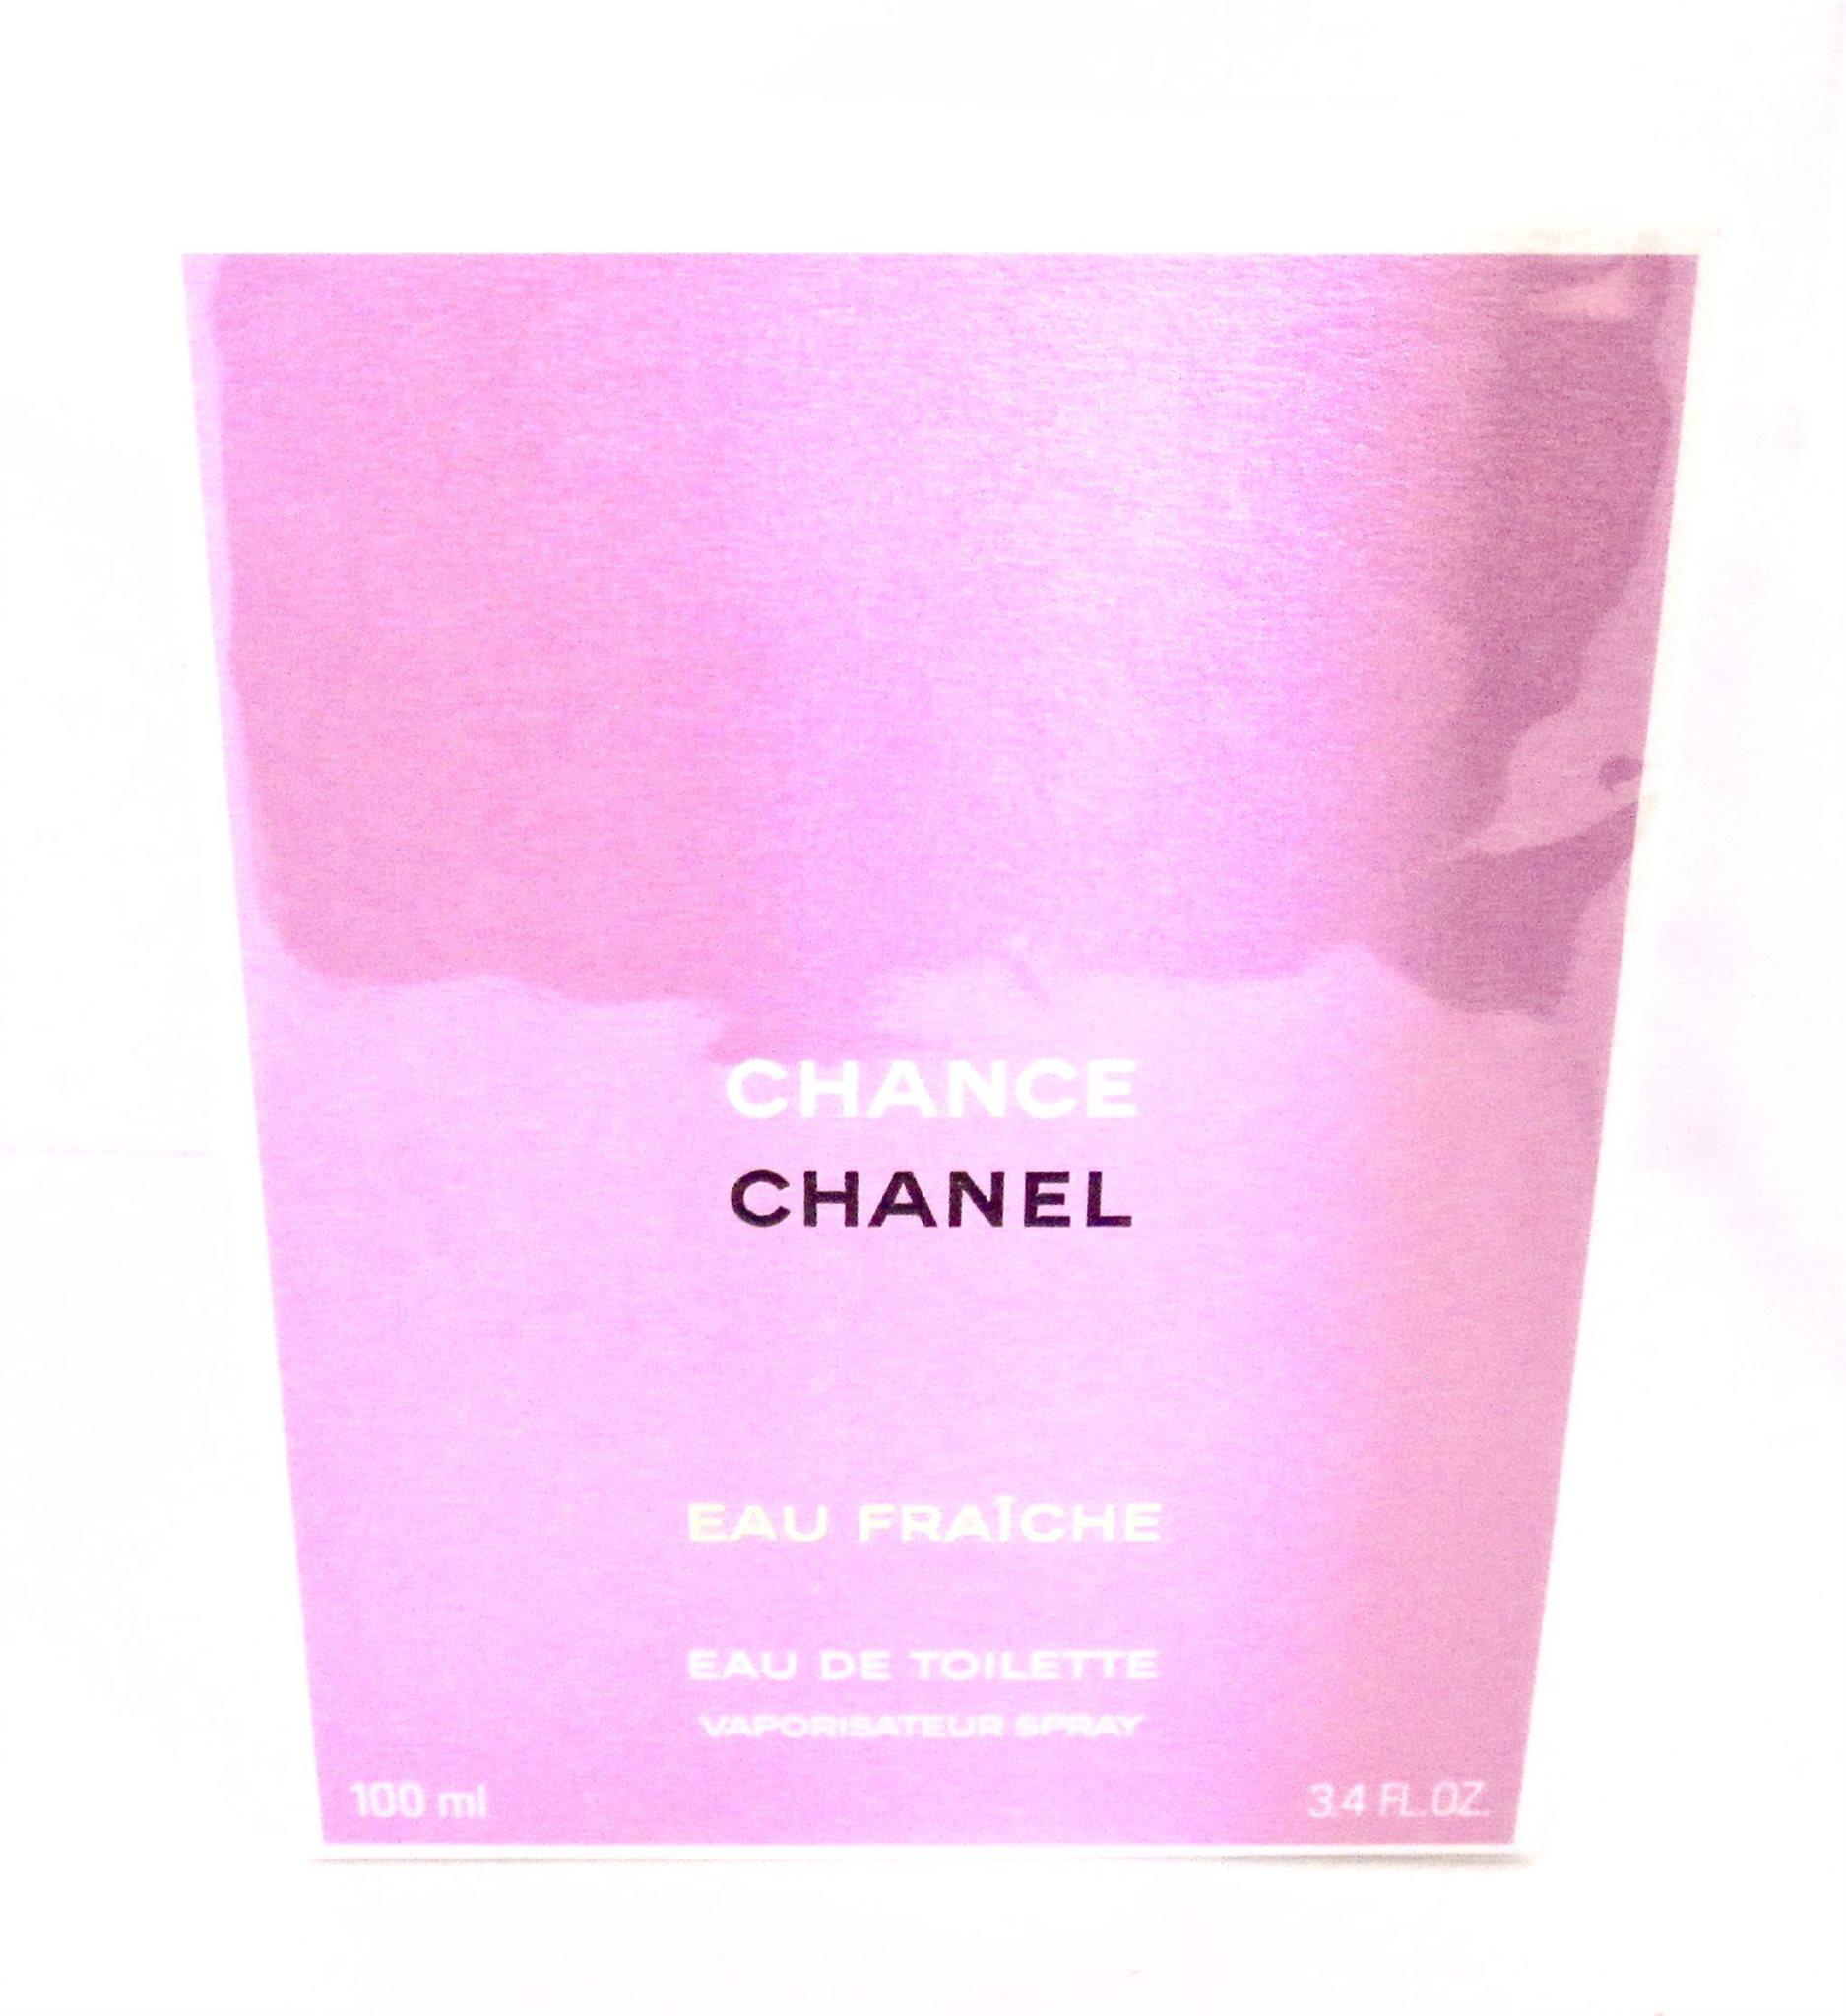 Chance Eau Fraiche Chanel 100 ml EDT INPLASTAD on Tradera